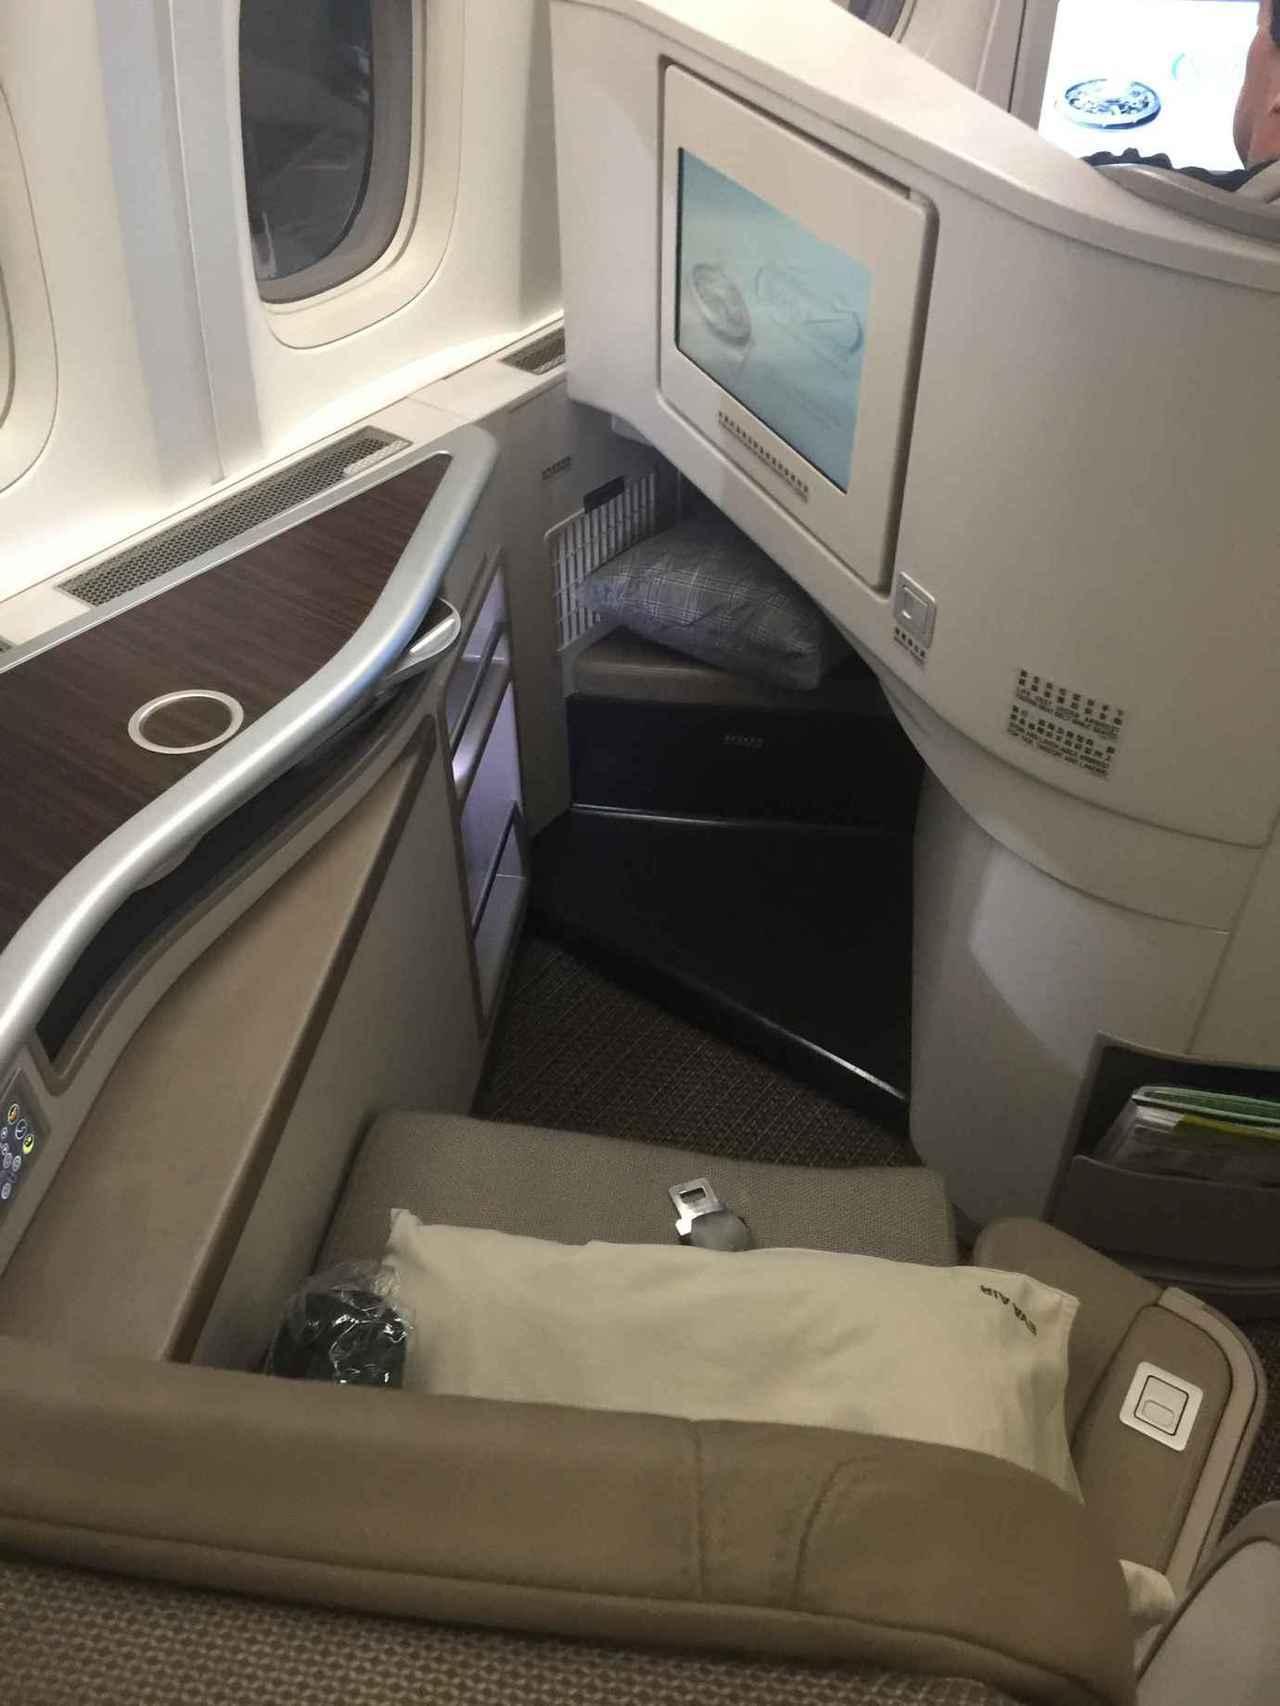 腳部跟足部空間真的不夠,跟加拿大航空的商務艙比起來,加拿大航空在這點是大勝 圖文...